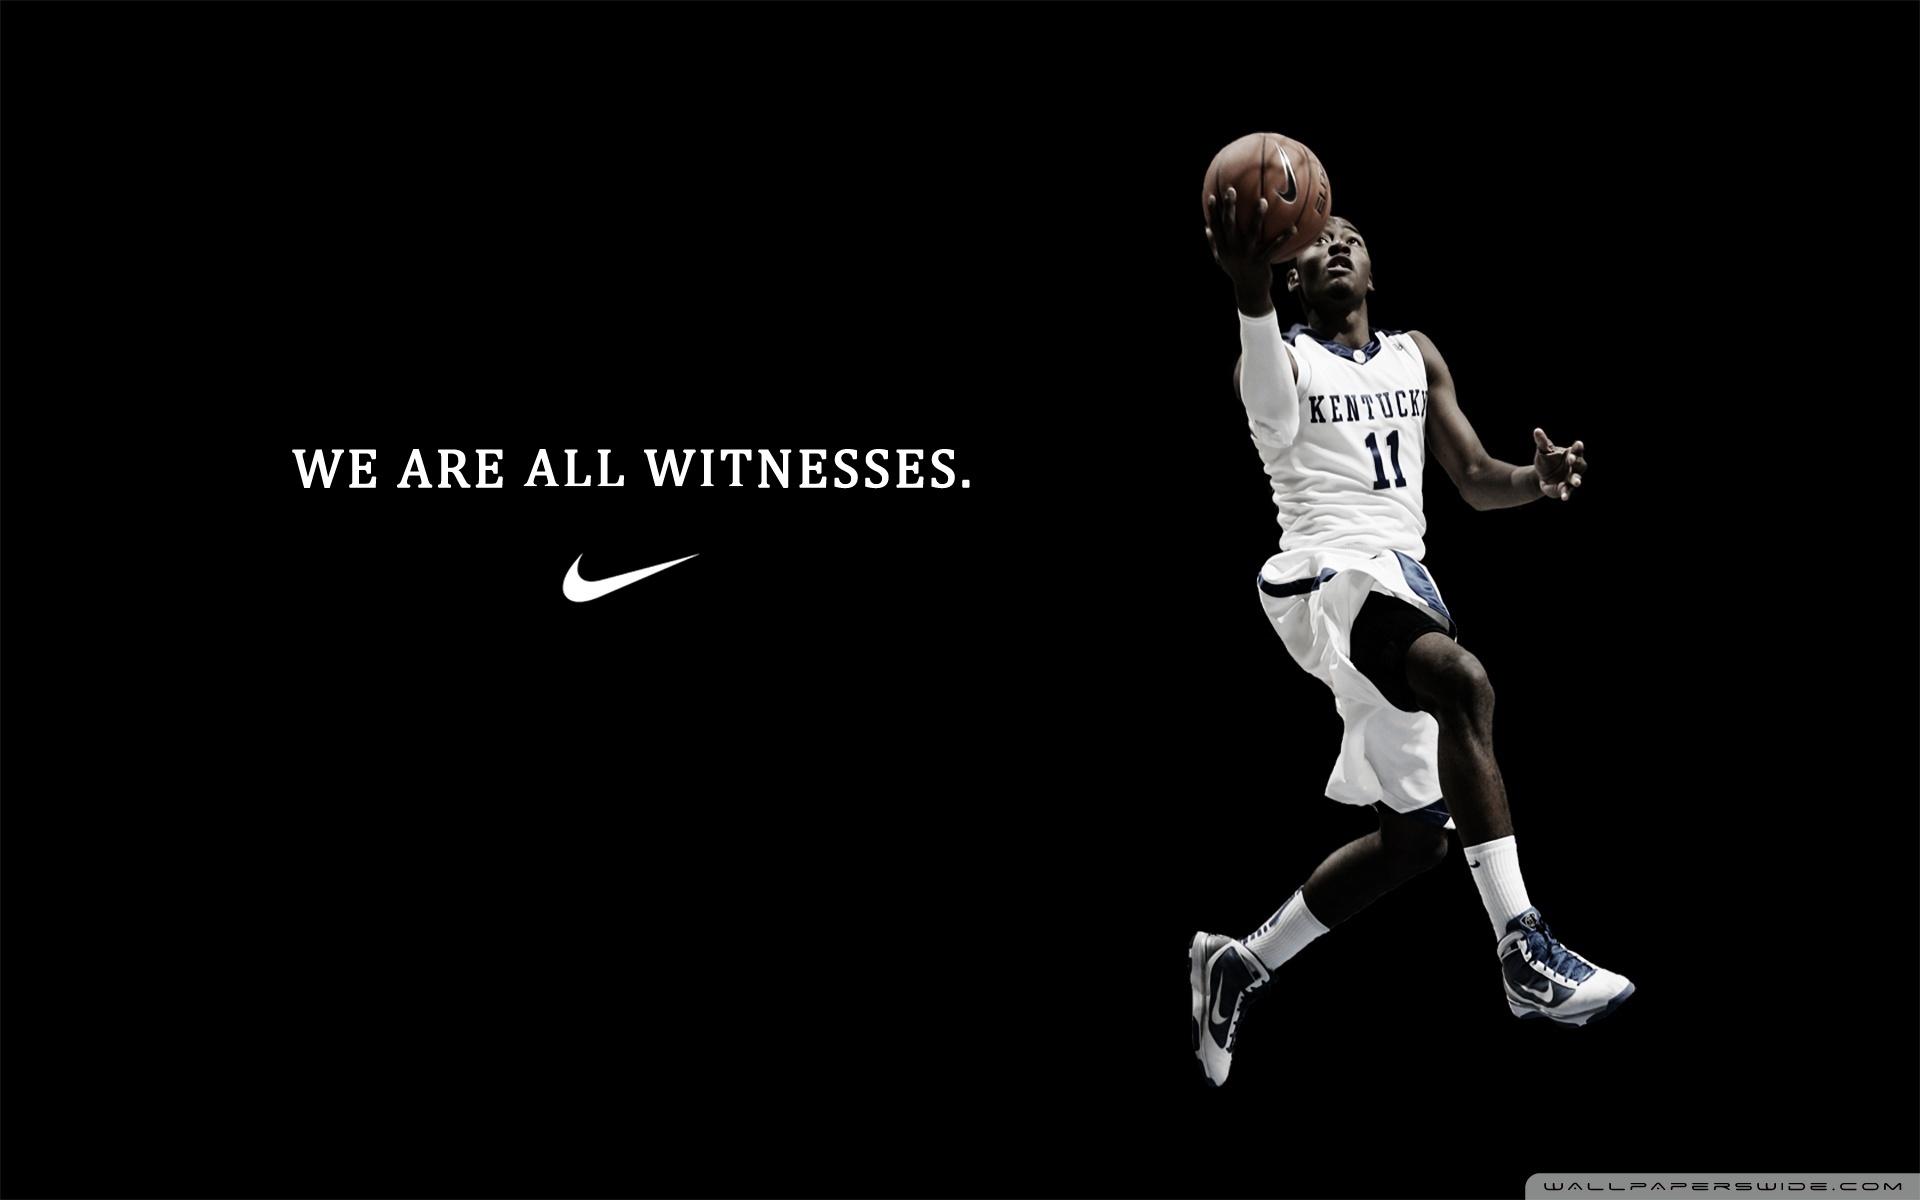 Скачать картинку Спорт, Люди, Баскетбол в телефон бесплатно.